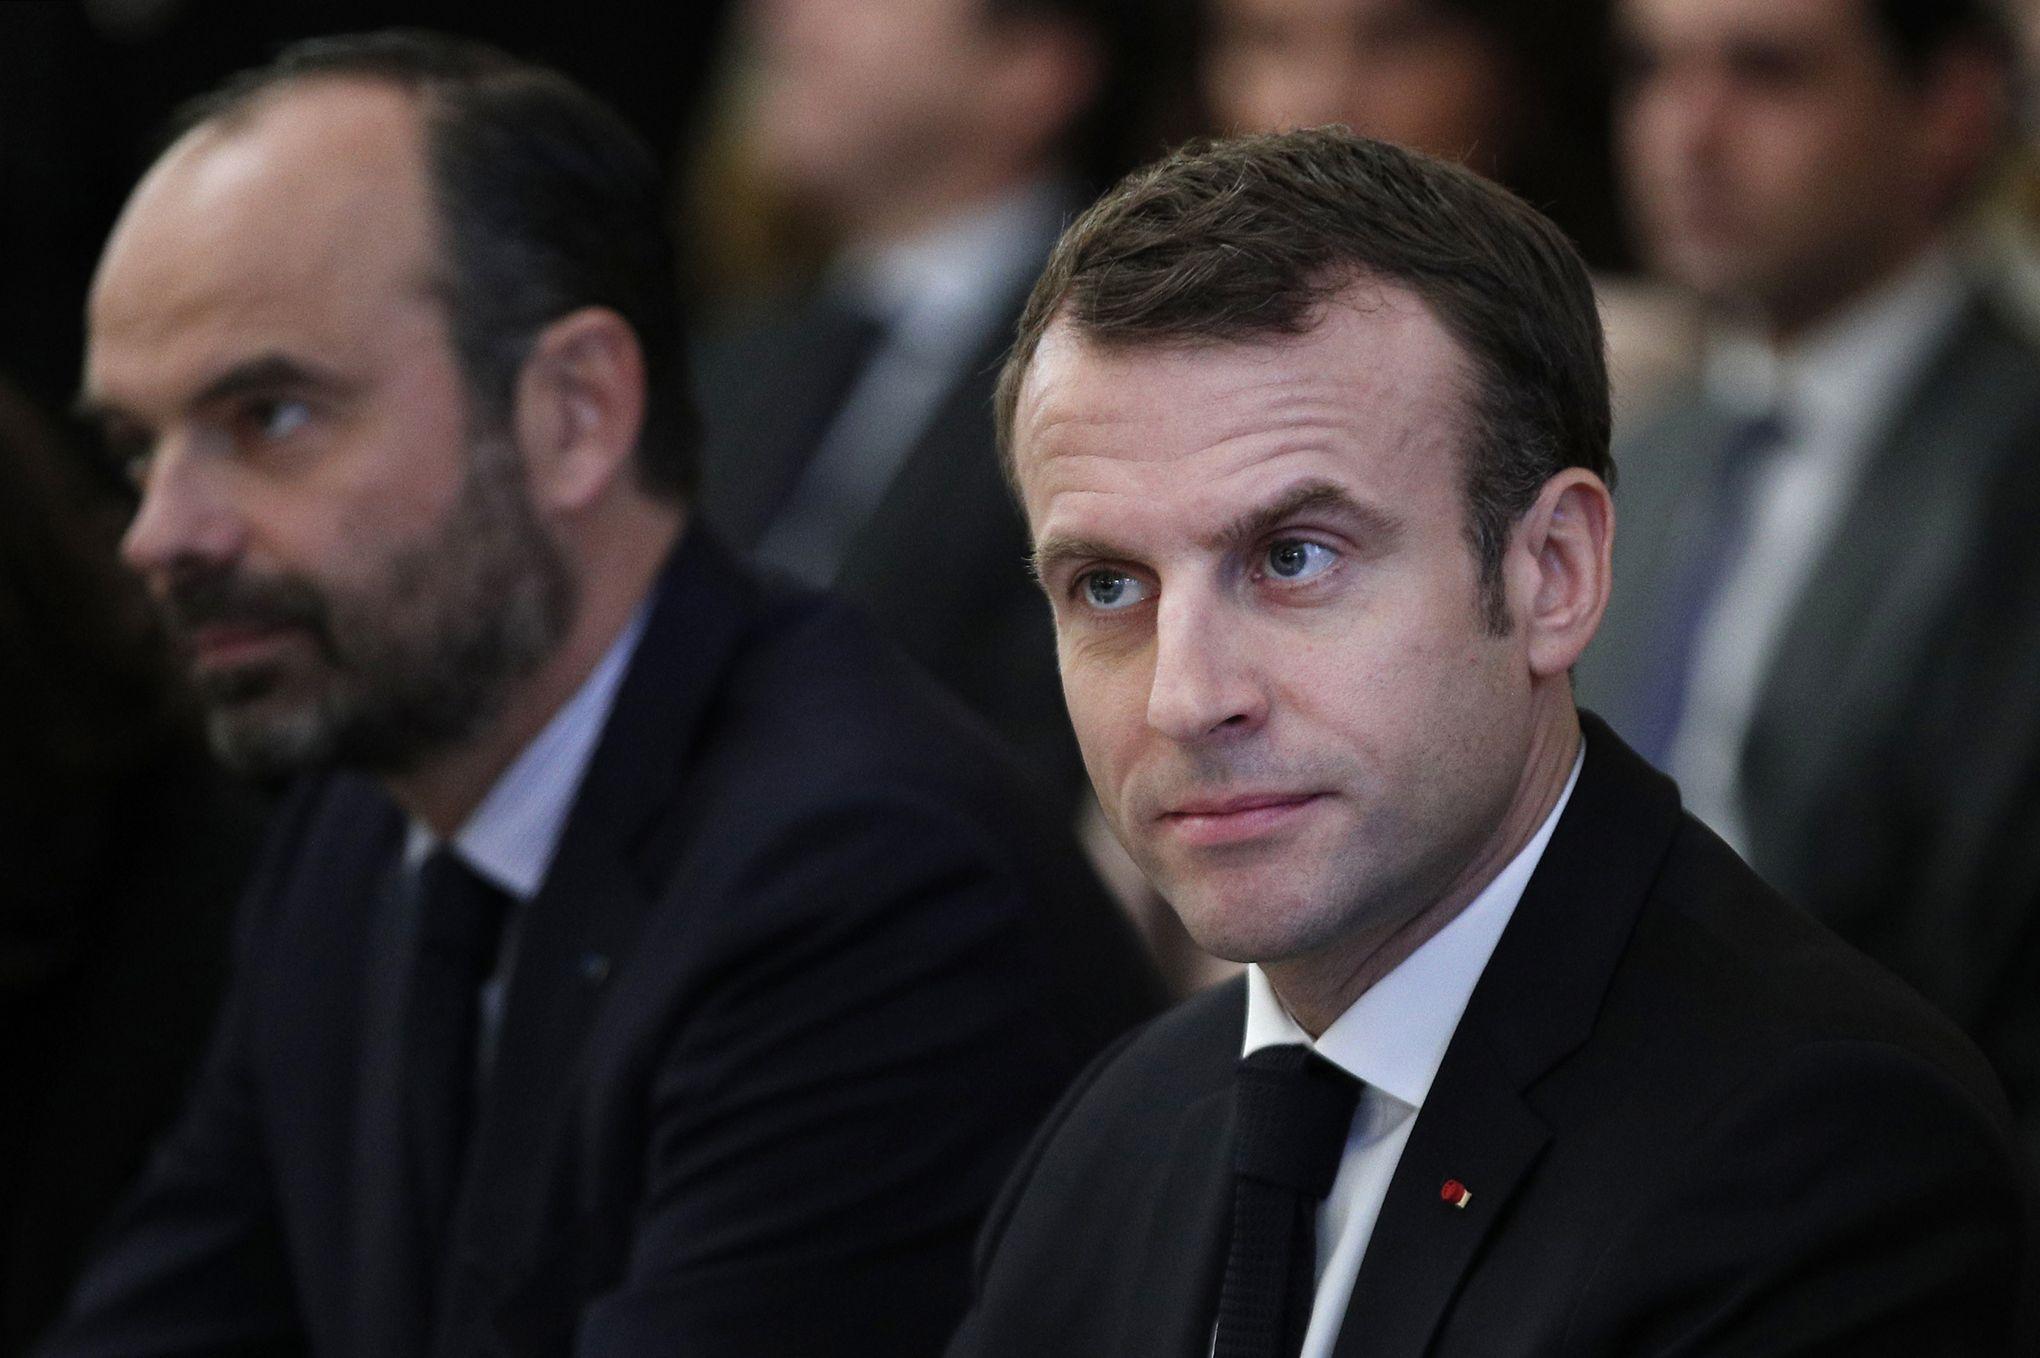 Réformes: Emmanuel Macron accélère, Édouard Philippe embraye